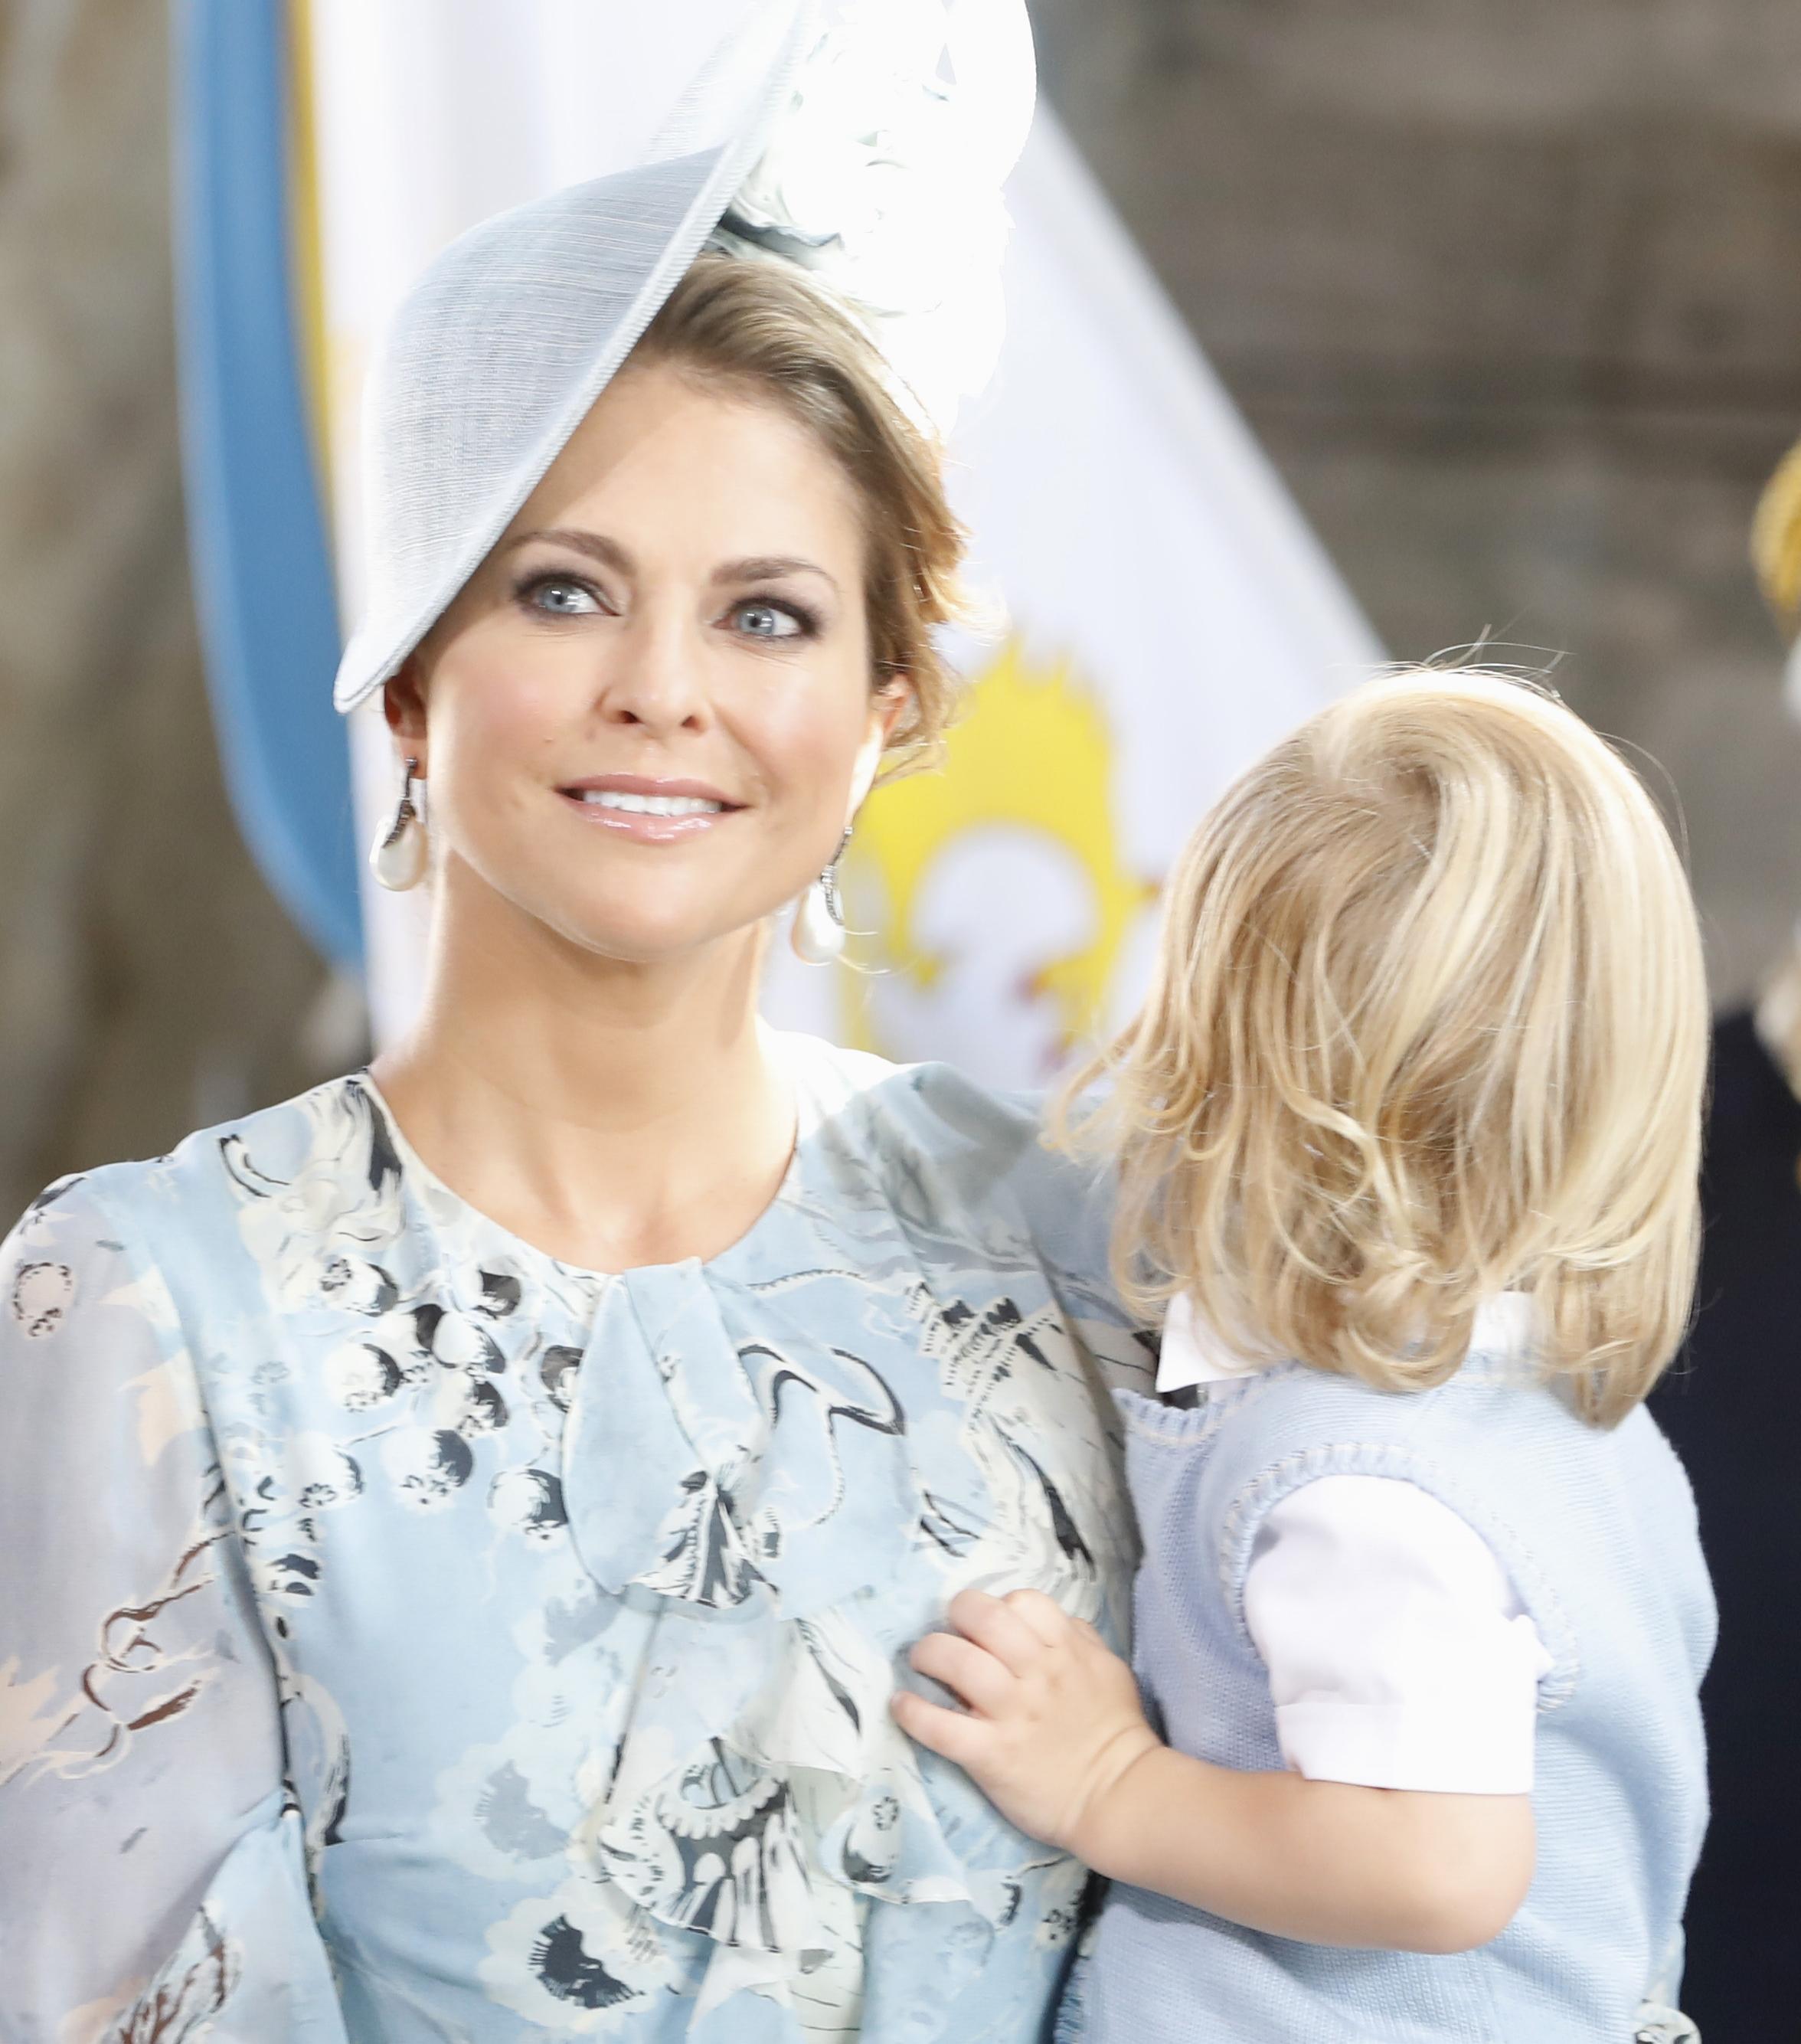 Prinzessin Madeleine erwartet im März ihr drittes Kind. Man fragt sich, ob eine Schwangere so viel bitterböse Kritik gut wegstecken kann...    Foto: Getty Images